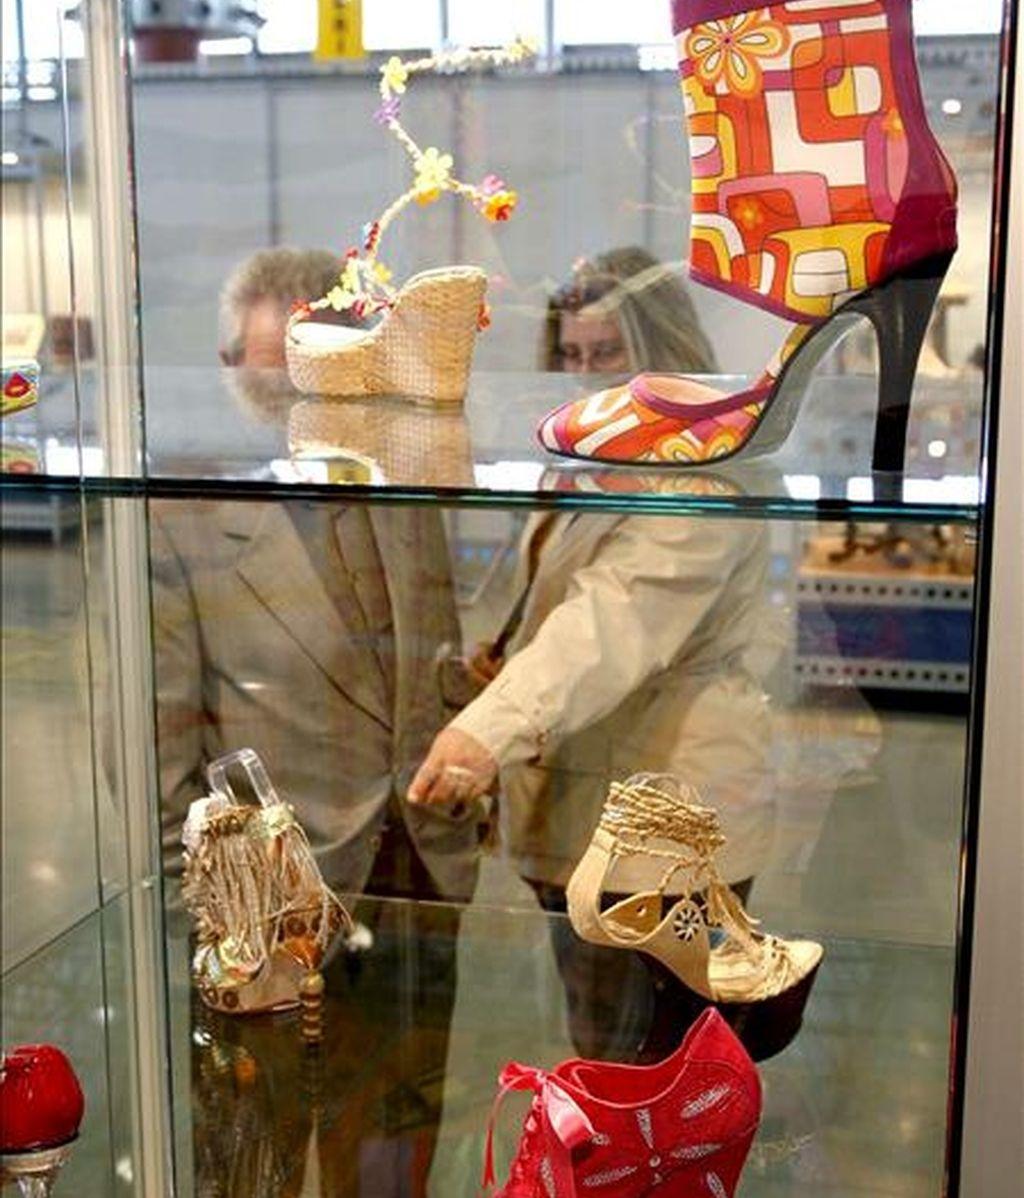 Naturaleza y ciudad, libertad de movimientos y responsabilidad urbana. Así vendrá definida la moda para la primavera-verano 2012 según ha establecido el Comité de Moda de la Asociación de Componentes y Maquinaria para el Calzado (AEC). EFE/Archivo